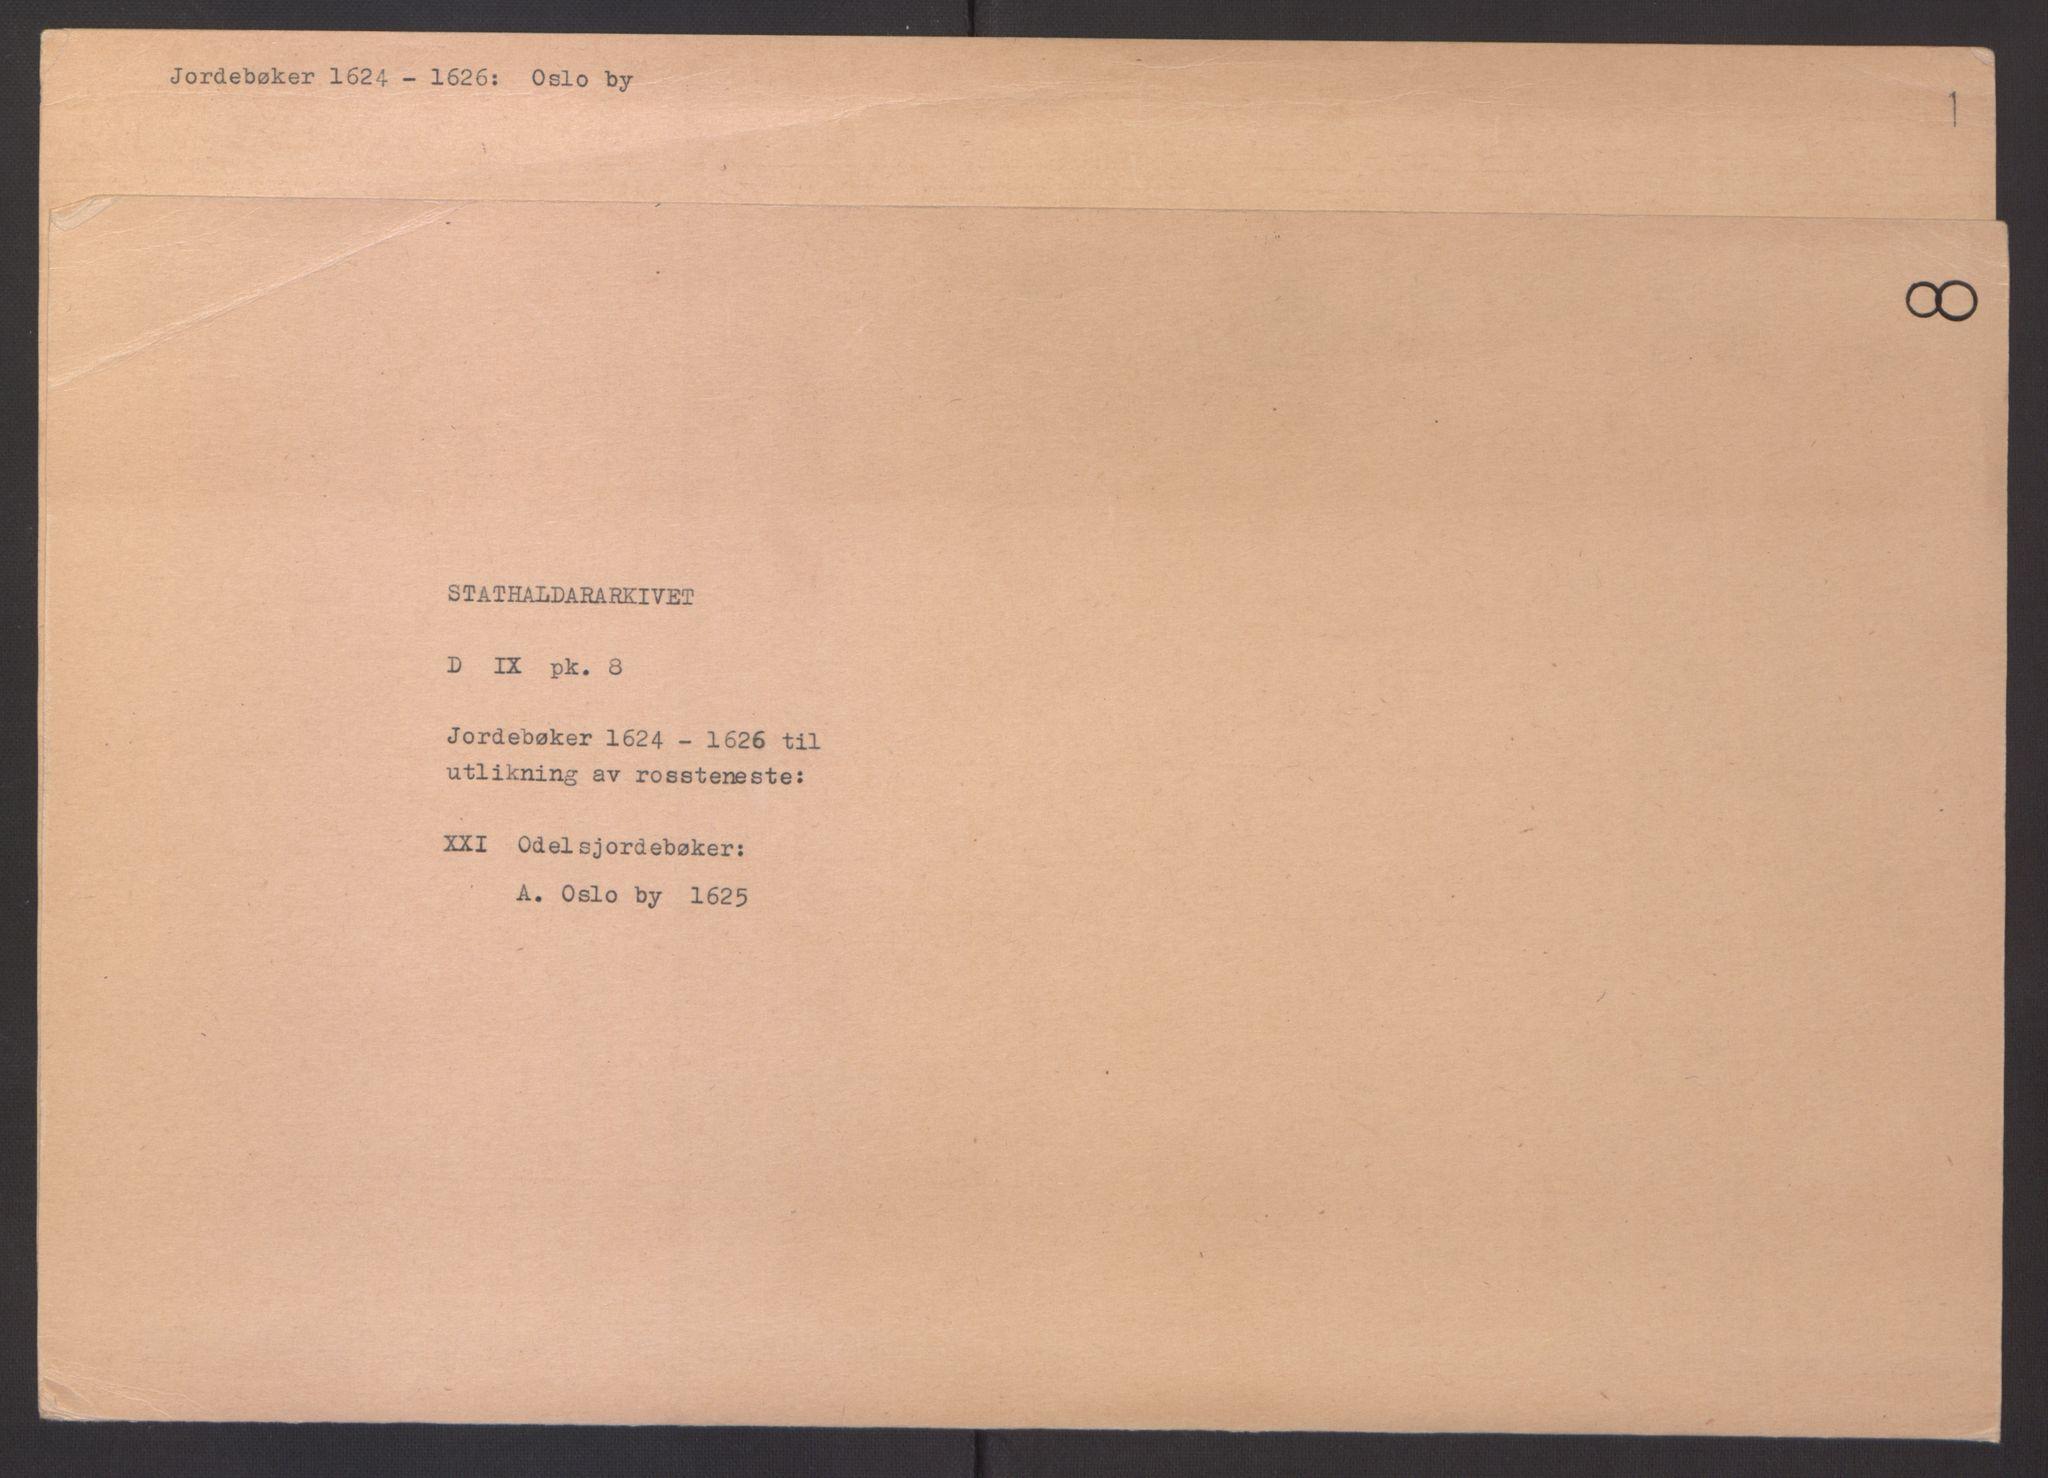 RA, Stattholderembetet 1572-1771, Ek/L0008: Jordebøker til utlikning av rosstjeneste 1624-1626:, 1625, s. 2